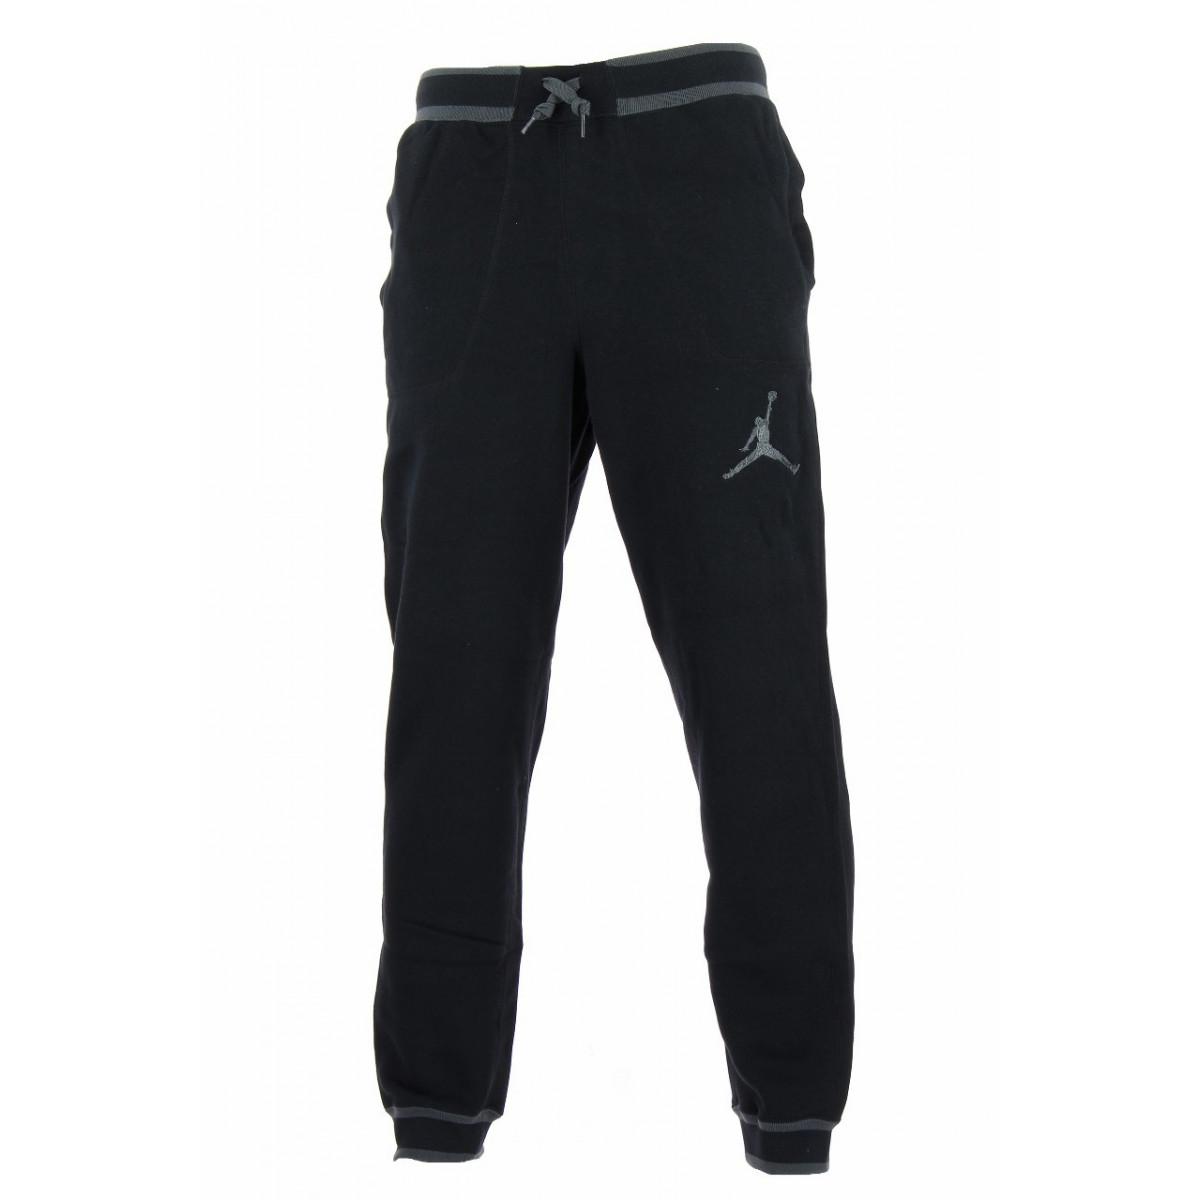 7d25411acf2 Pantalon de survêtement Nike Jordan Varsity - 547696-012. Loading zoom